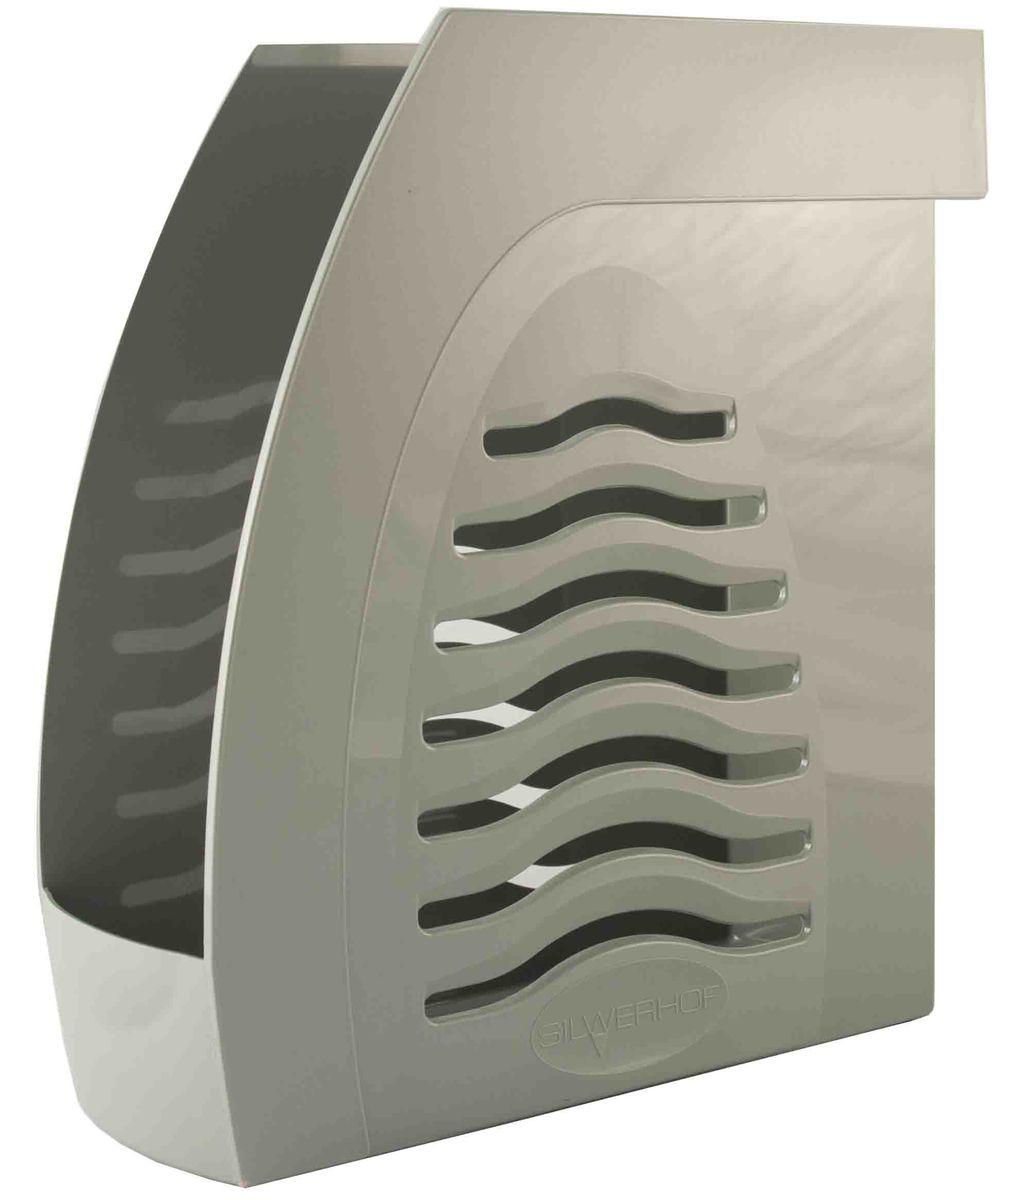 Silwerhof Лоток для бумаг Dune цвет серый 1 отделение 29 х 23 х 9,5 см472107-51Для бумаг и папок формата А4 и А4+. Низкий передний порог облегчает изъятие документов из накопителя. На задней стенке расположен удобный захват для переноски лотков. Размер 290*230*95 мм.